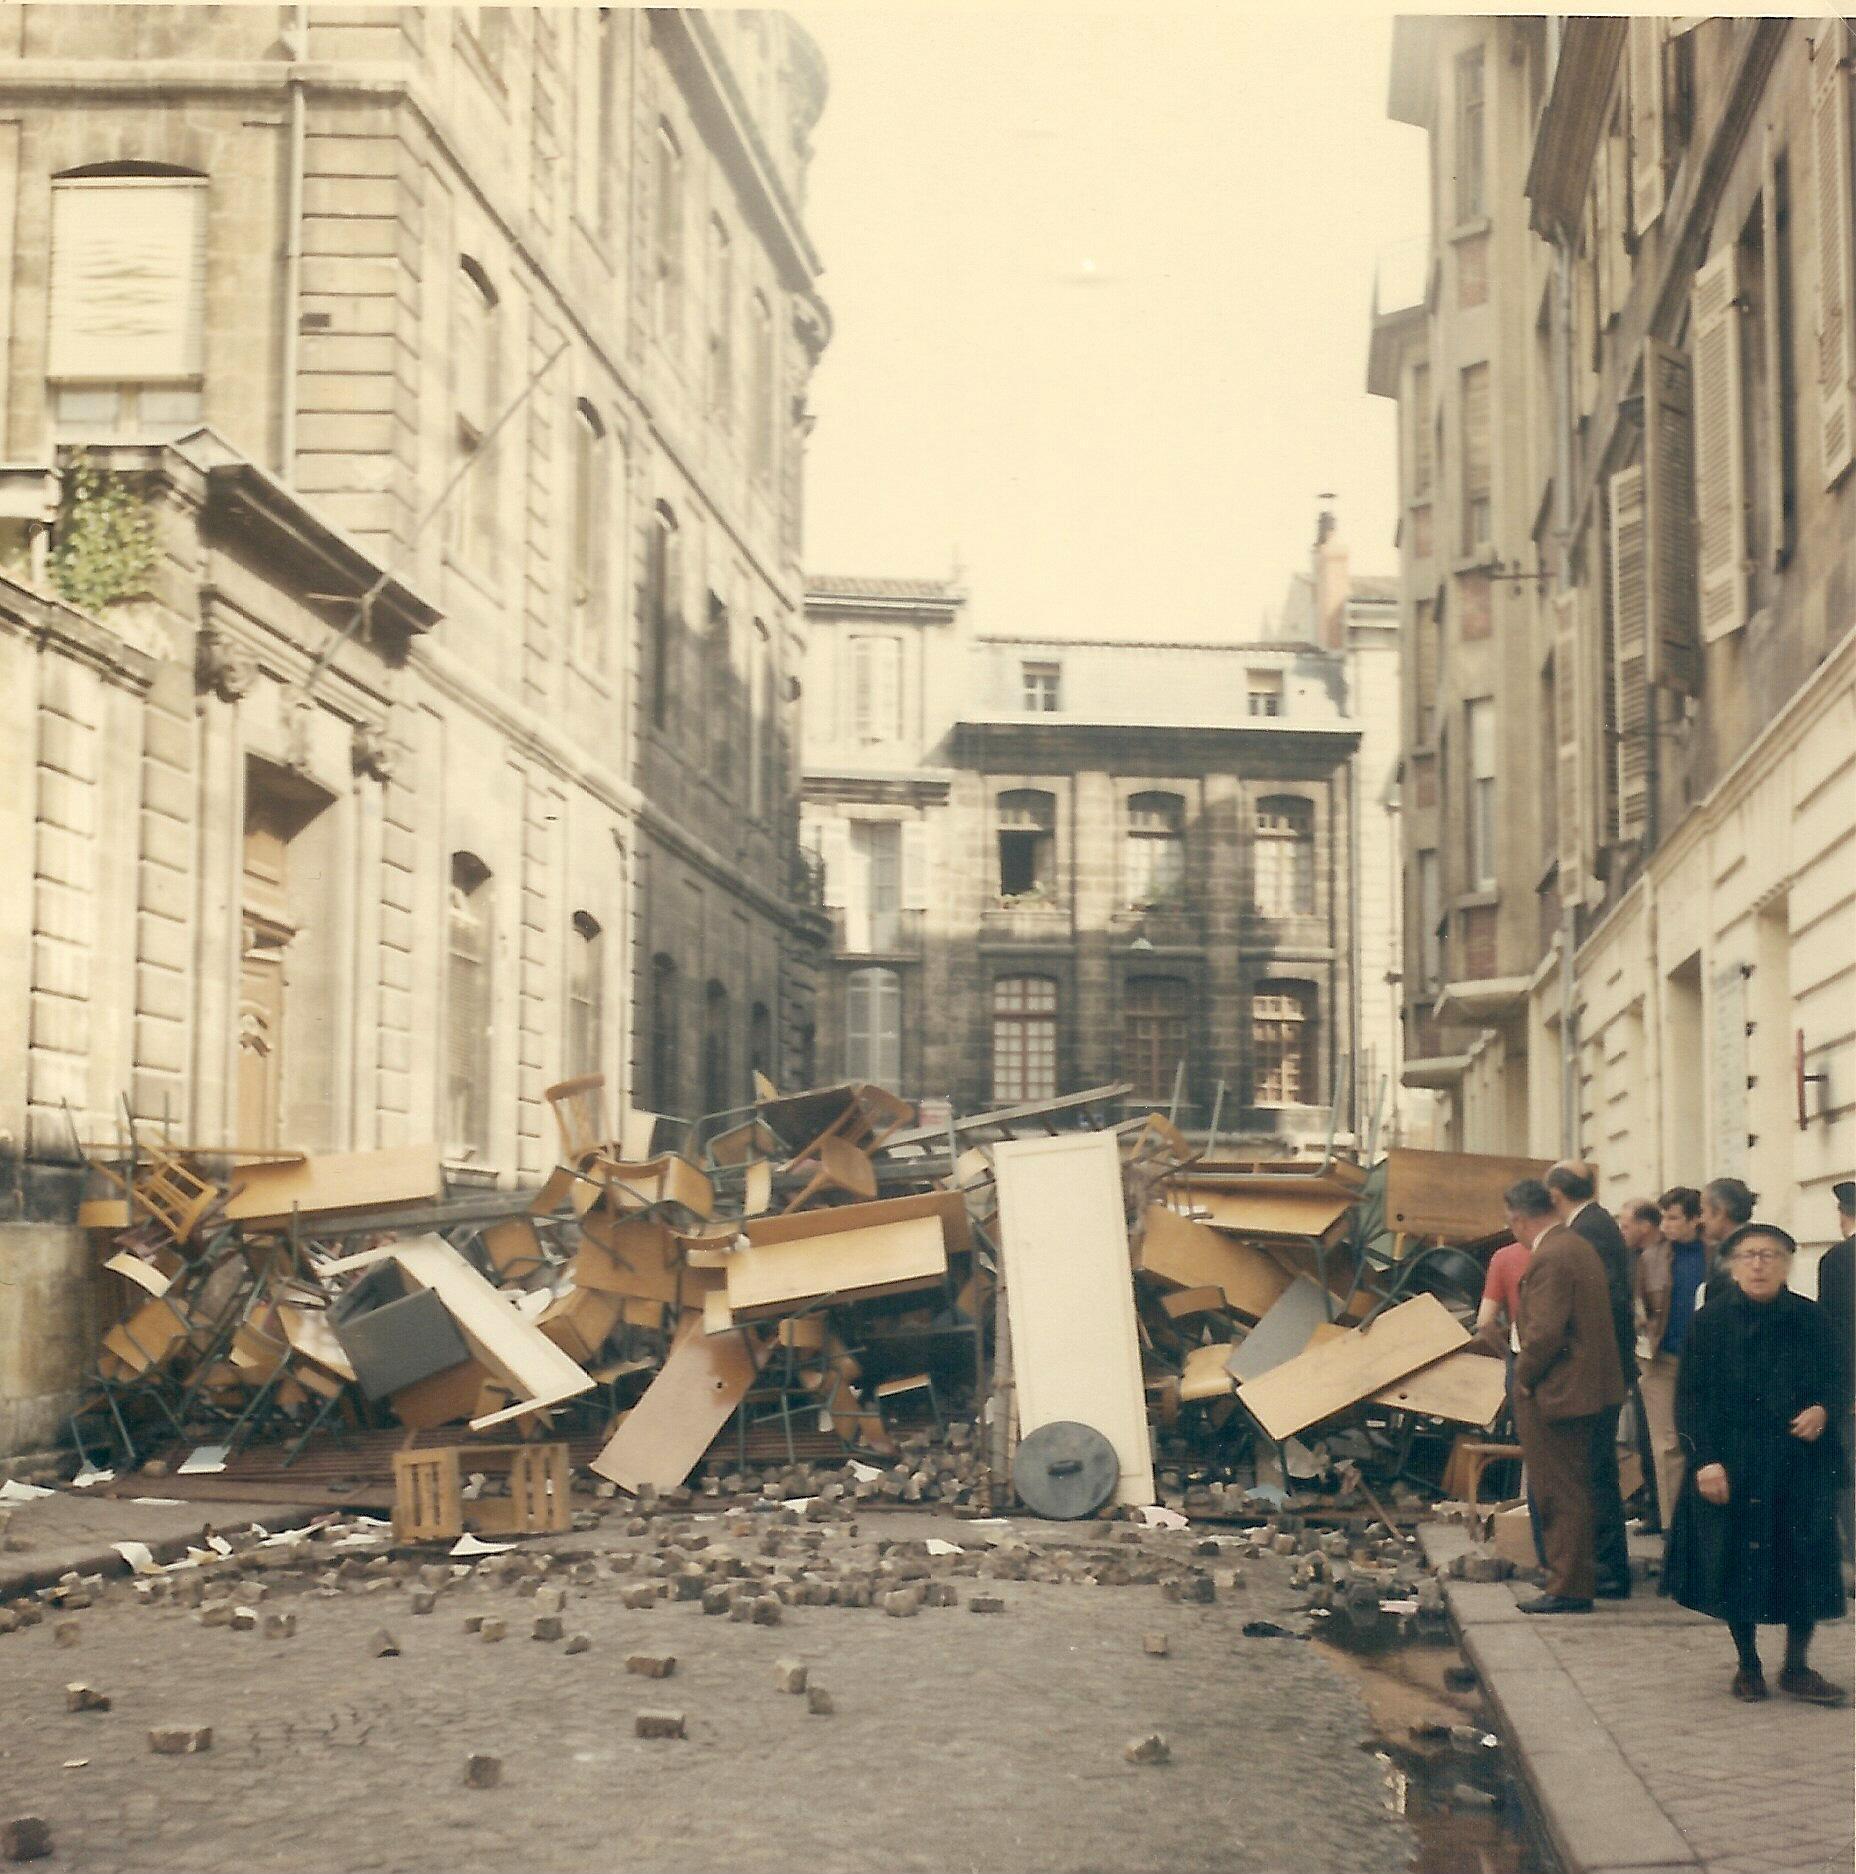 Barricadas también surgieron en otras ciudades francesas como aquí en Burdeos. Calle Paul Bert, 10 de mayo de 1968.